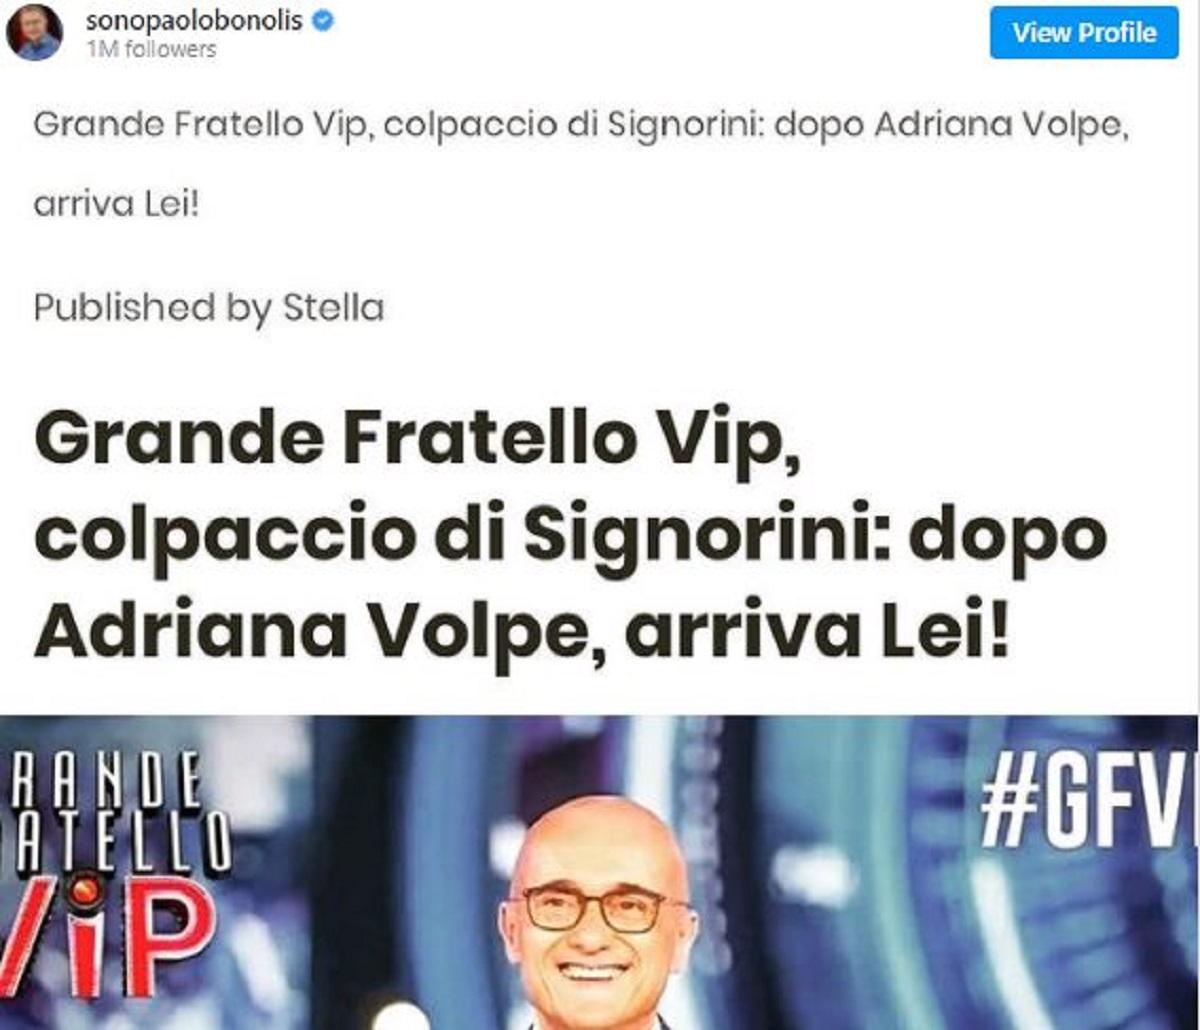 Paolo Bonolis Sonia Bruganelli reazione opinionista GF Vip